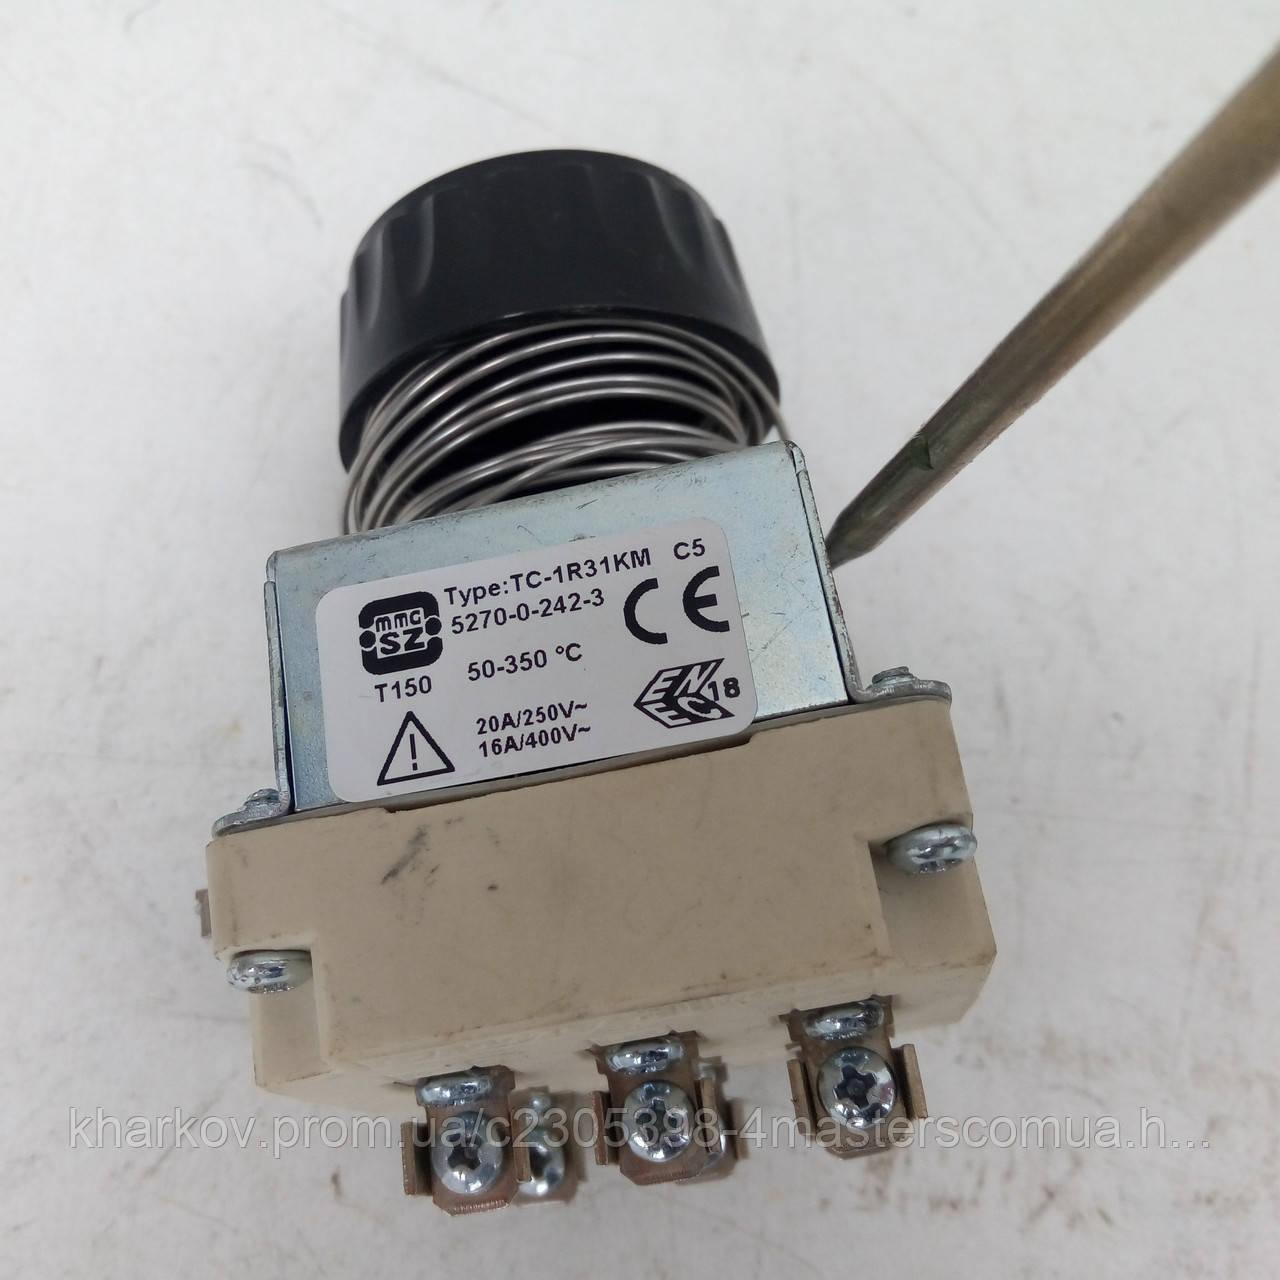 Термостат капиллярный трехполюсный до 400 *С